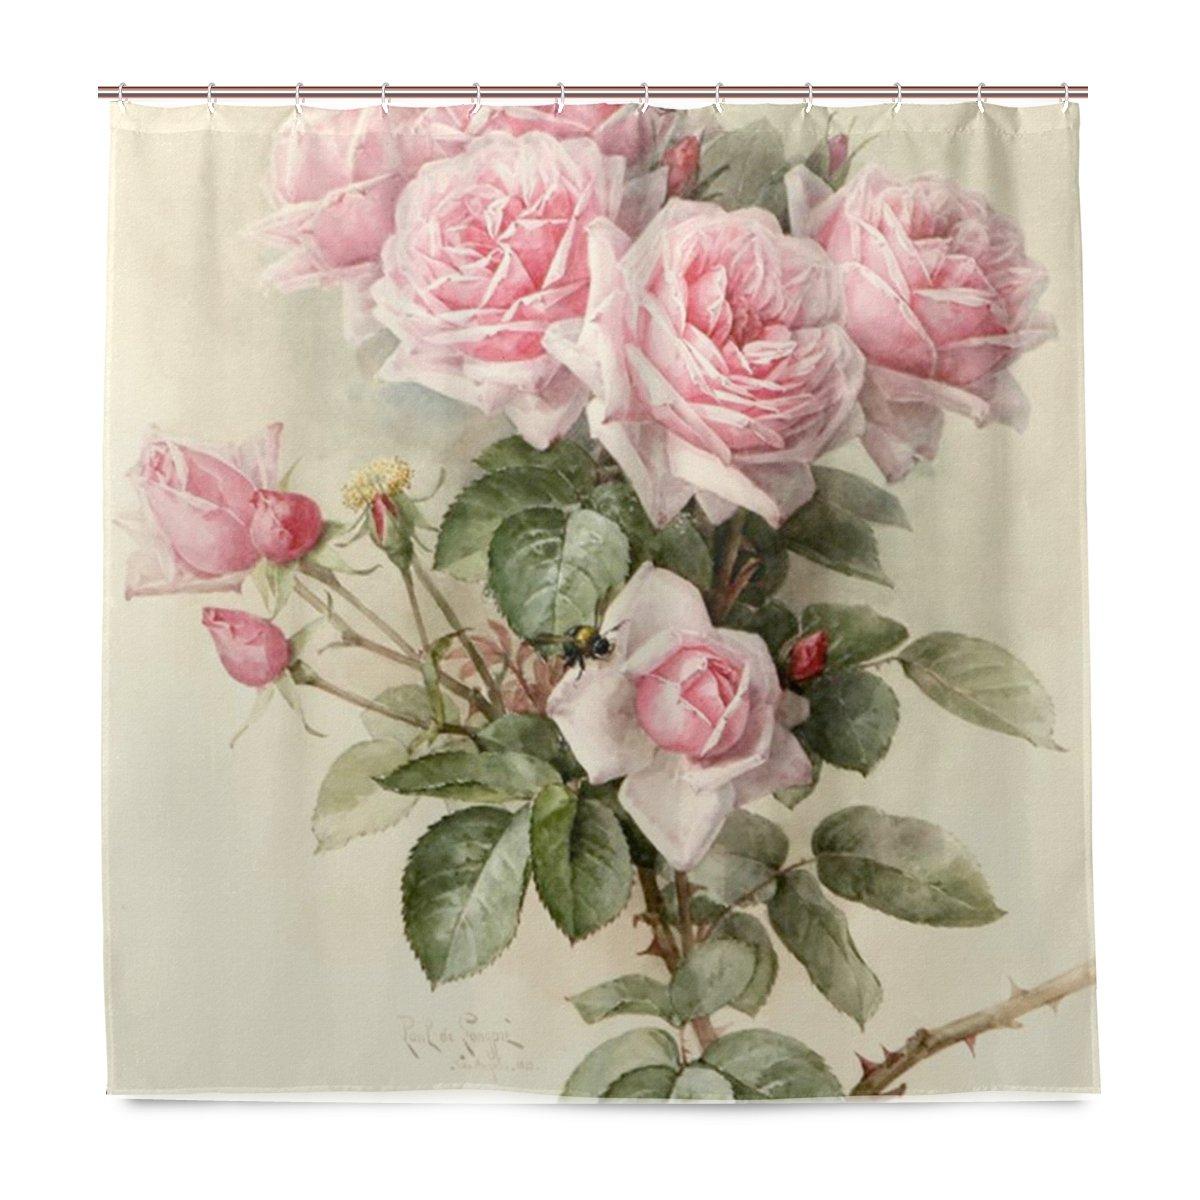 JSTEL Vintage Rose Shower Curtain Mildew Resistant and Waterproof ...